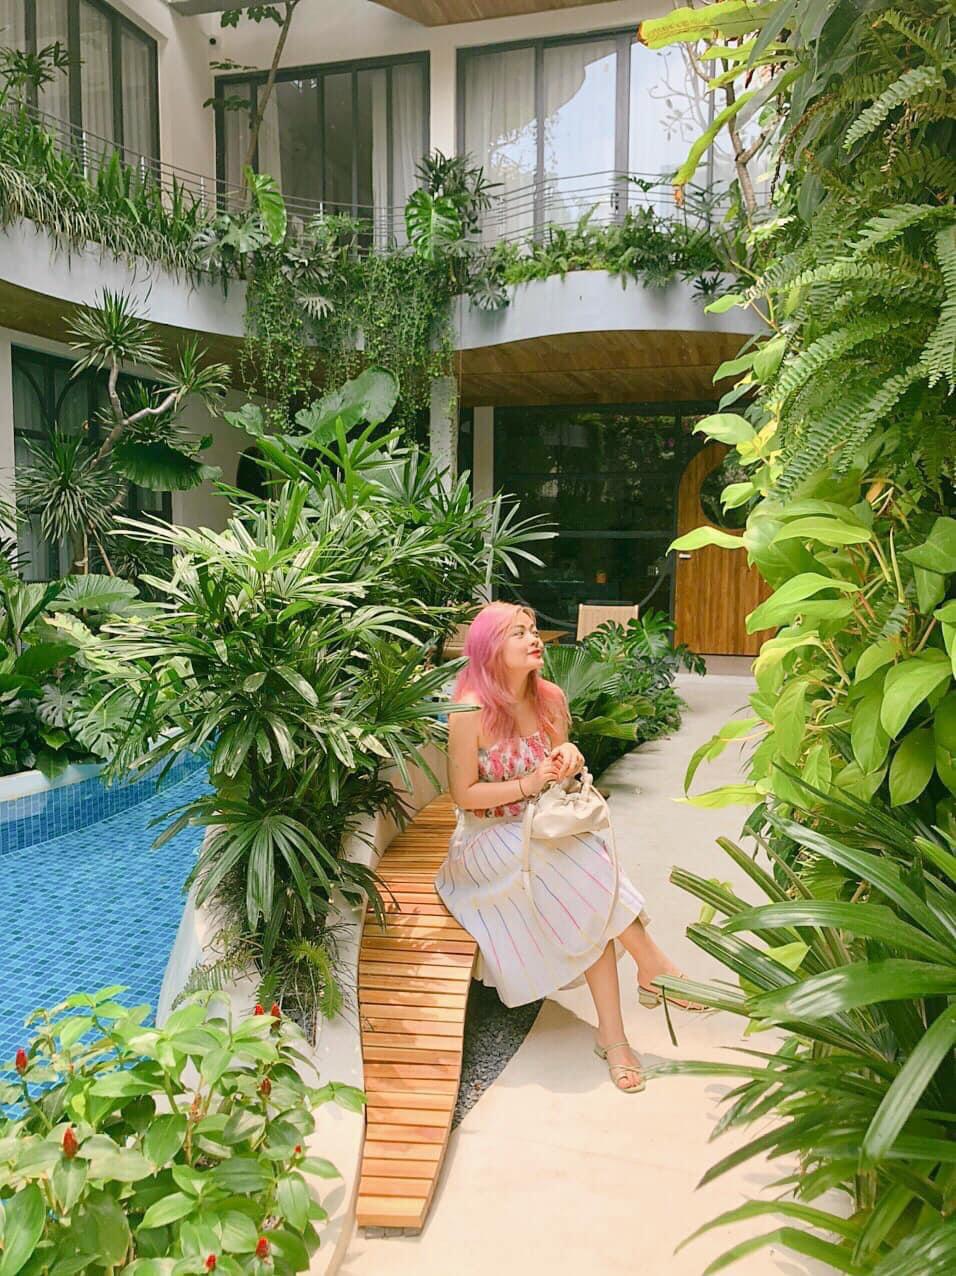 """Xuất hiện khách sạn ngay trung tâm Sài Gòn mà cứ ngỡ là resort nào đó ngoài biển, nhiều góc """"chill"""" xỉu lại chuẩn """"tropical vibe"""" - Ảnh 2."""